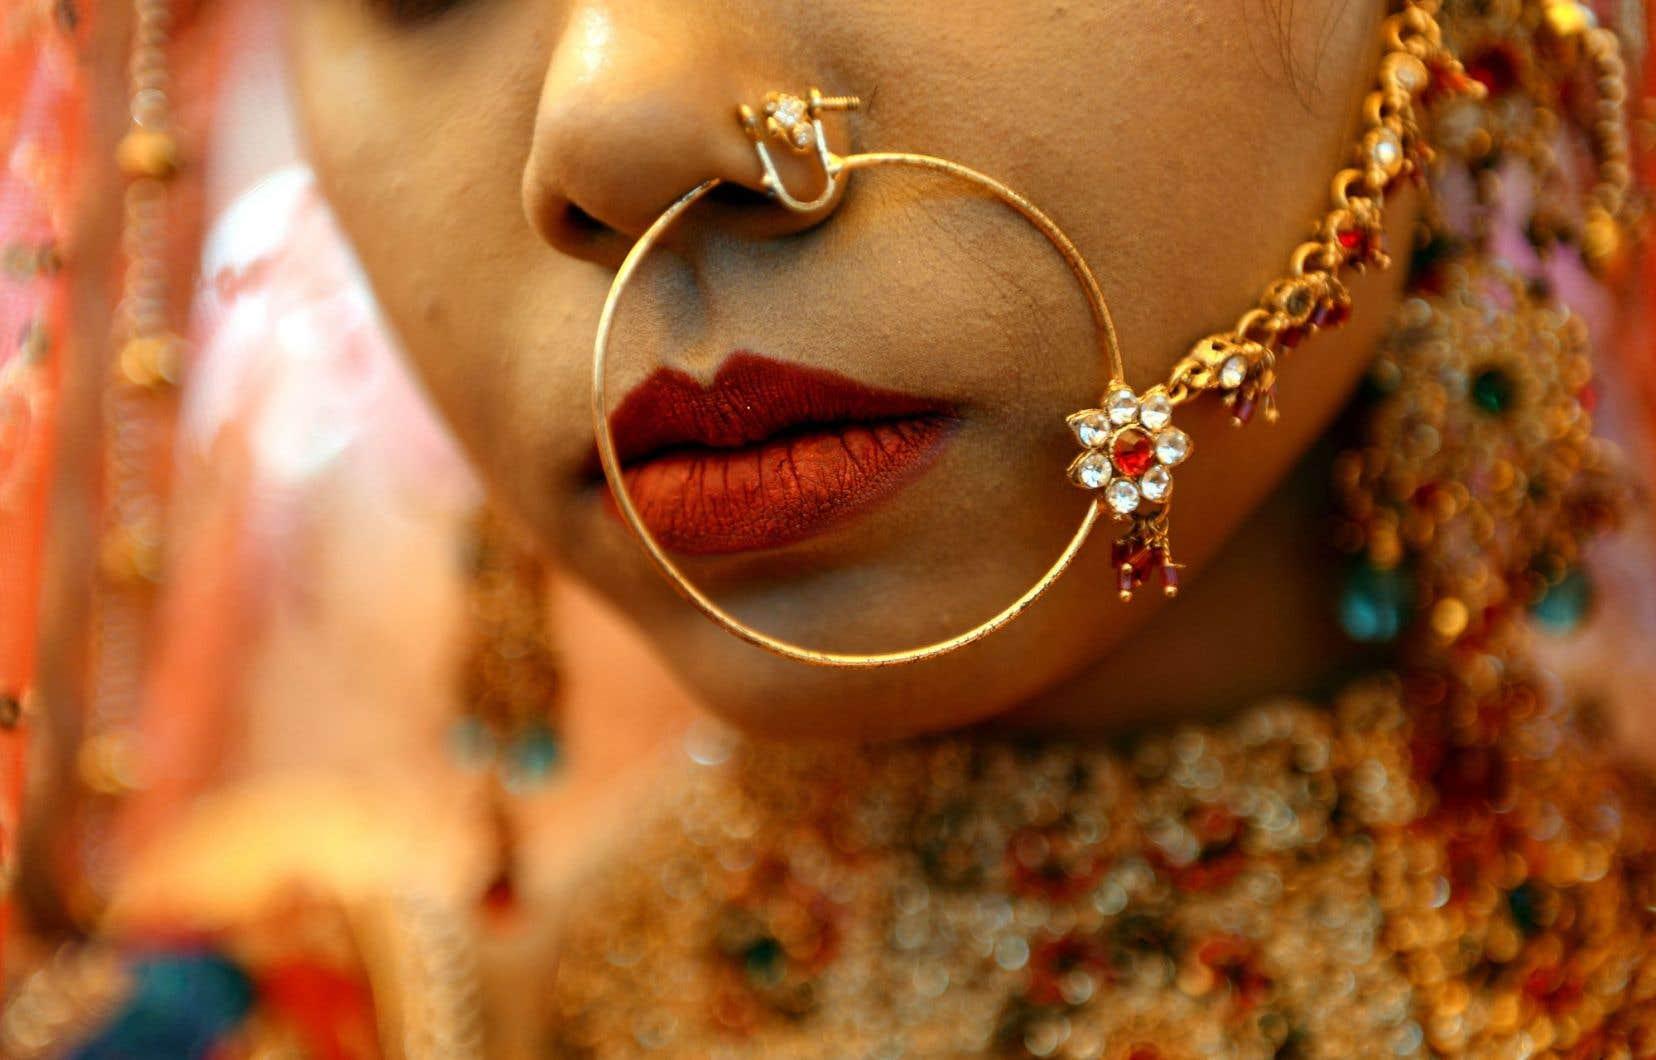 Le projet de loi permettrait désormais de suspendre le passeport d'une jeune fille que l'on veut envoyer à l'étranger pour la marier. La spécialiste Aruna Papp estime qu'il y a chaque année des milliers de mariages forcés chez les Canadiennes d'origine indienne ou pakistanaise.